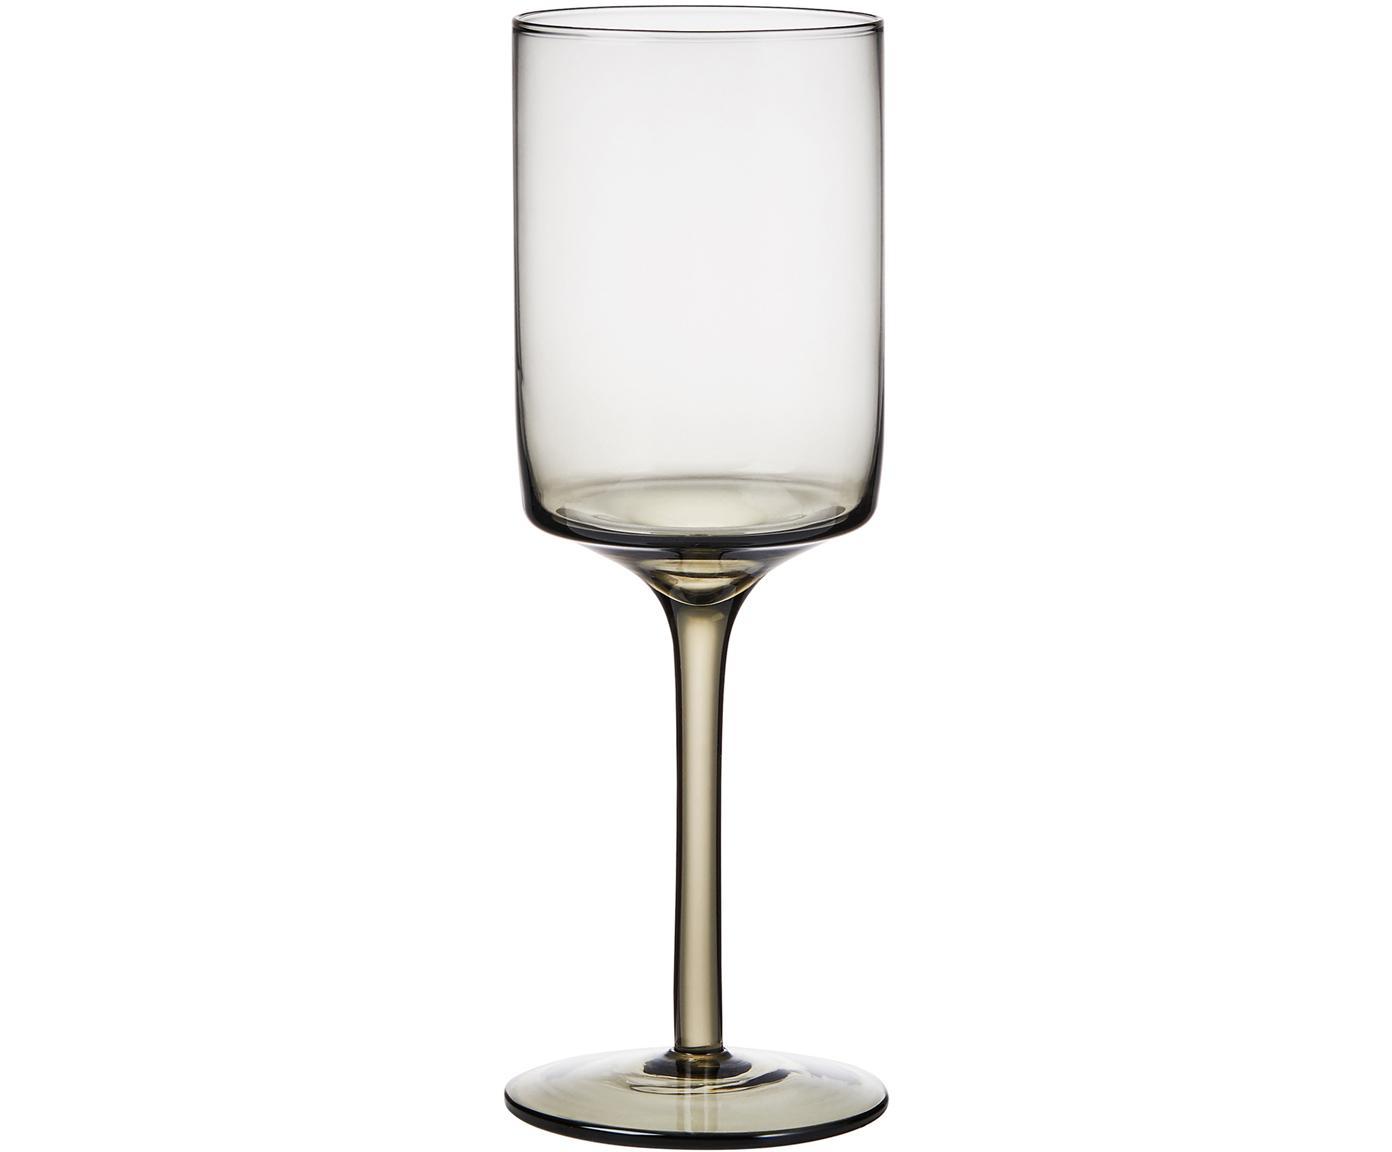 Wijnglazen Savor in Quadratischer Form, 4-delig, Glas, Antraciet, Ø 8 cm